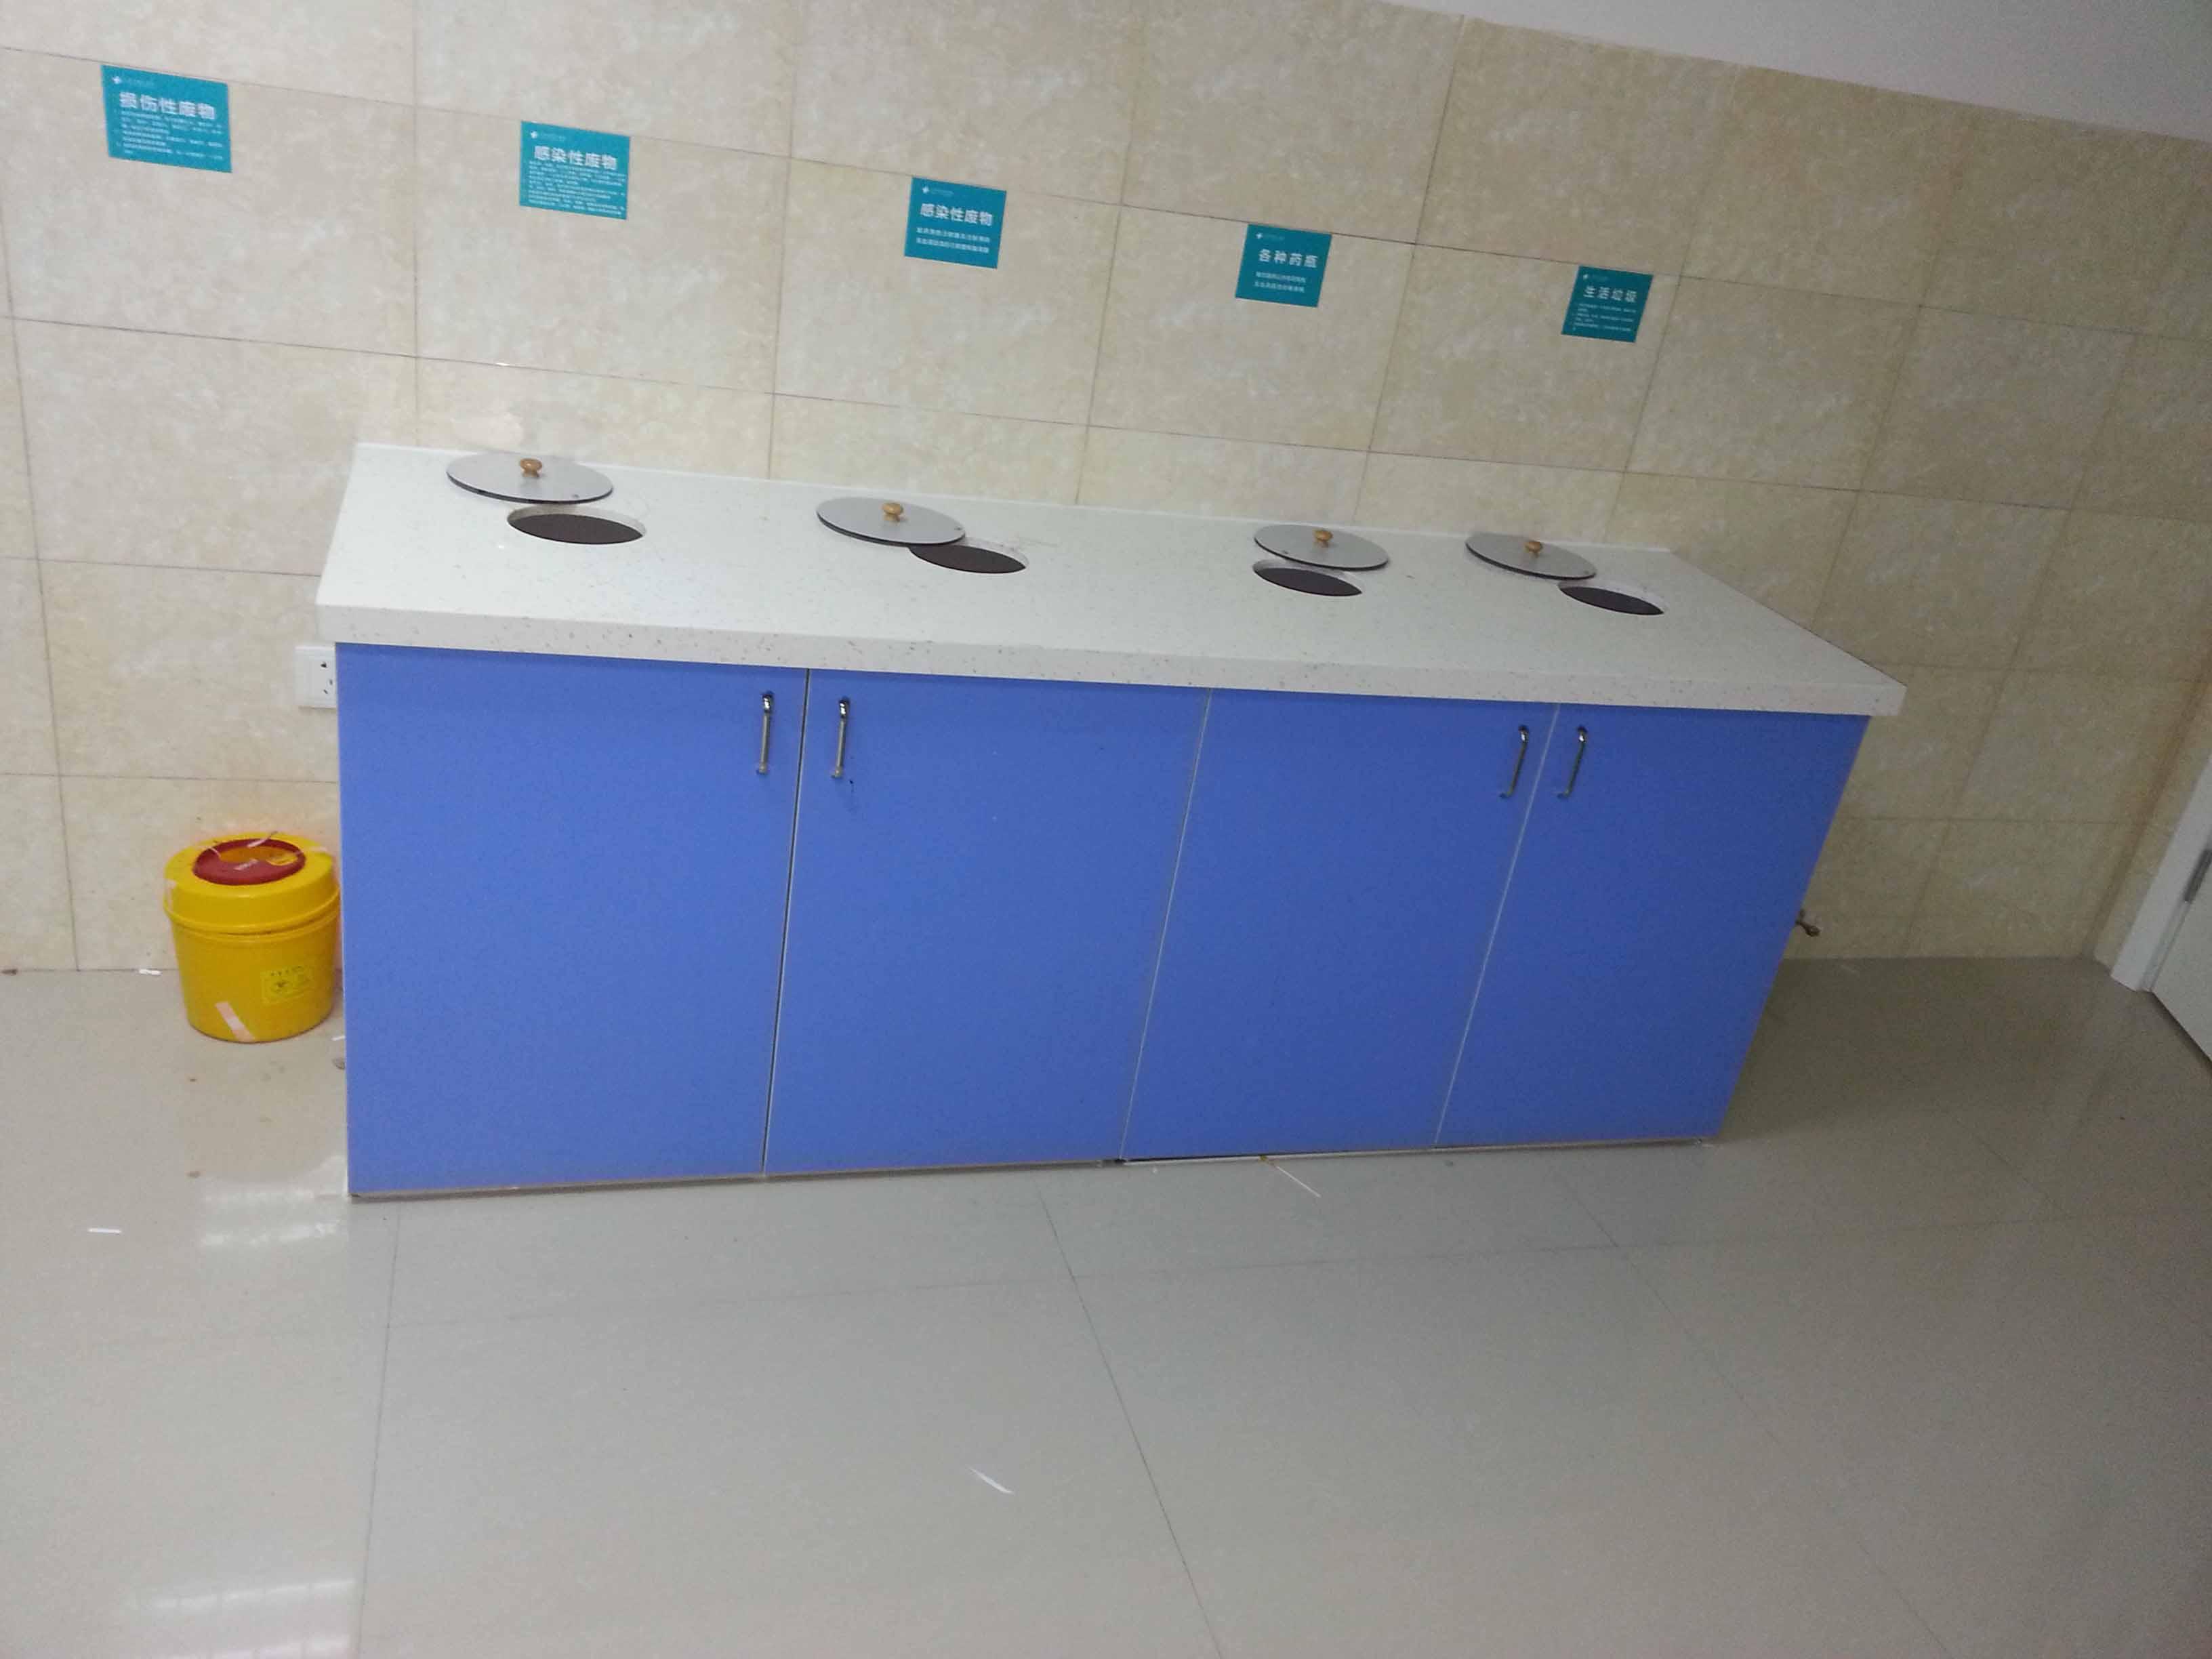 医院分类垃圾柜设备的采购